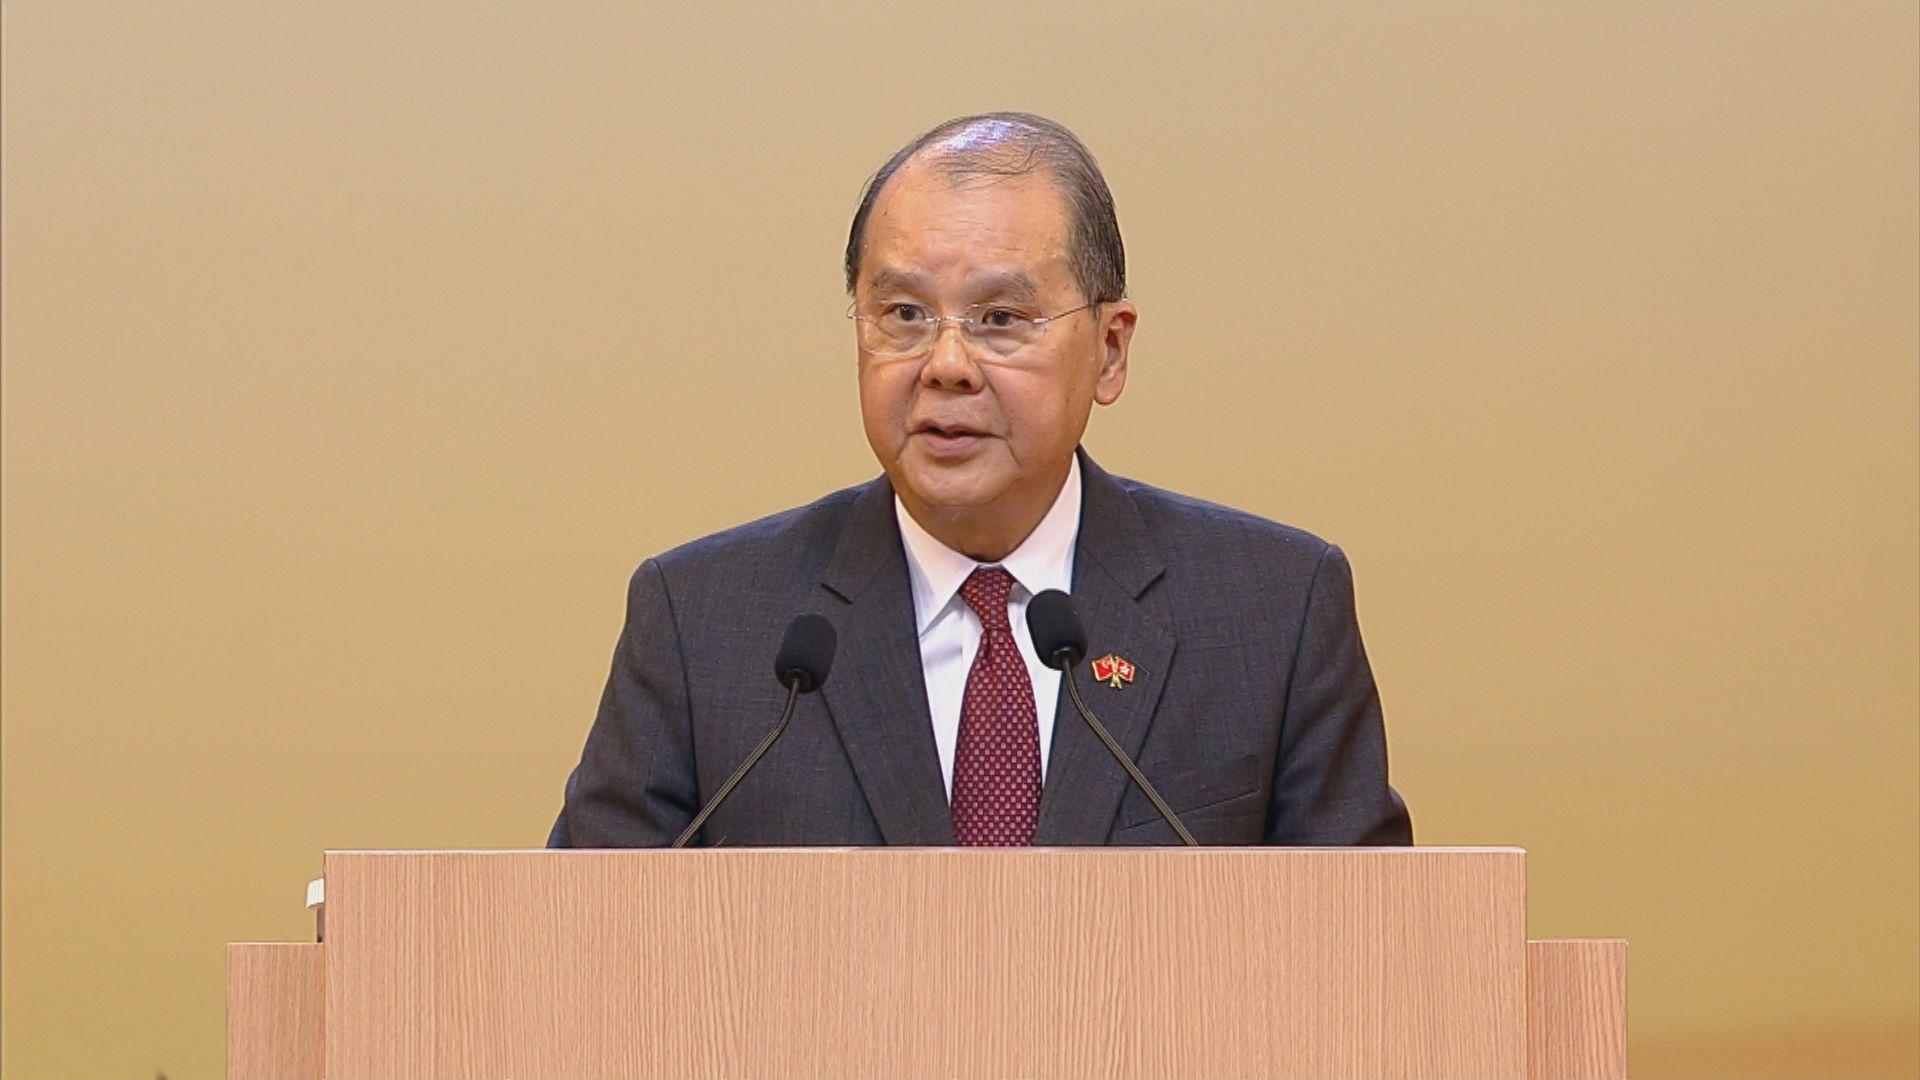 張建宗:社會矛盾尖銳 香港人需團結